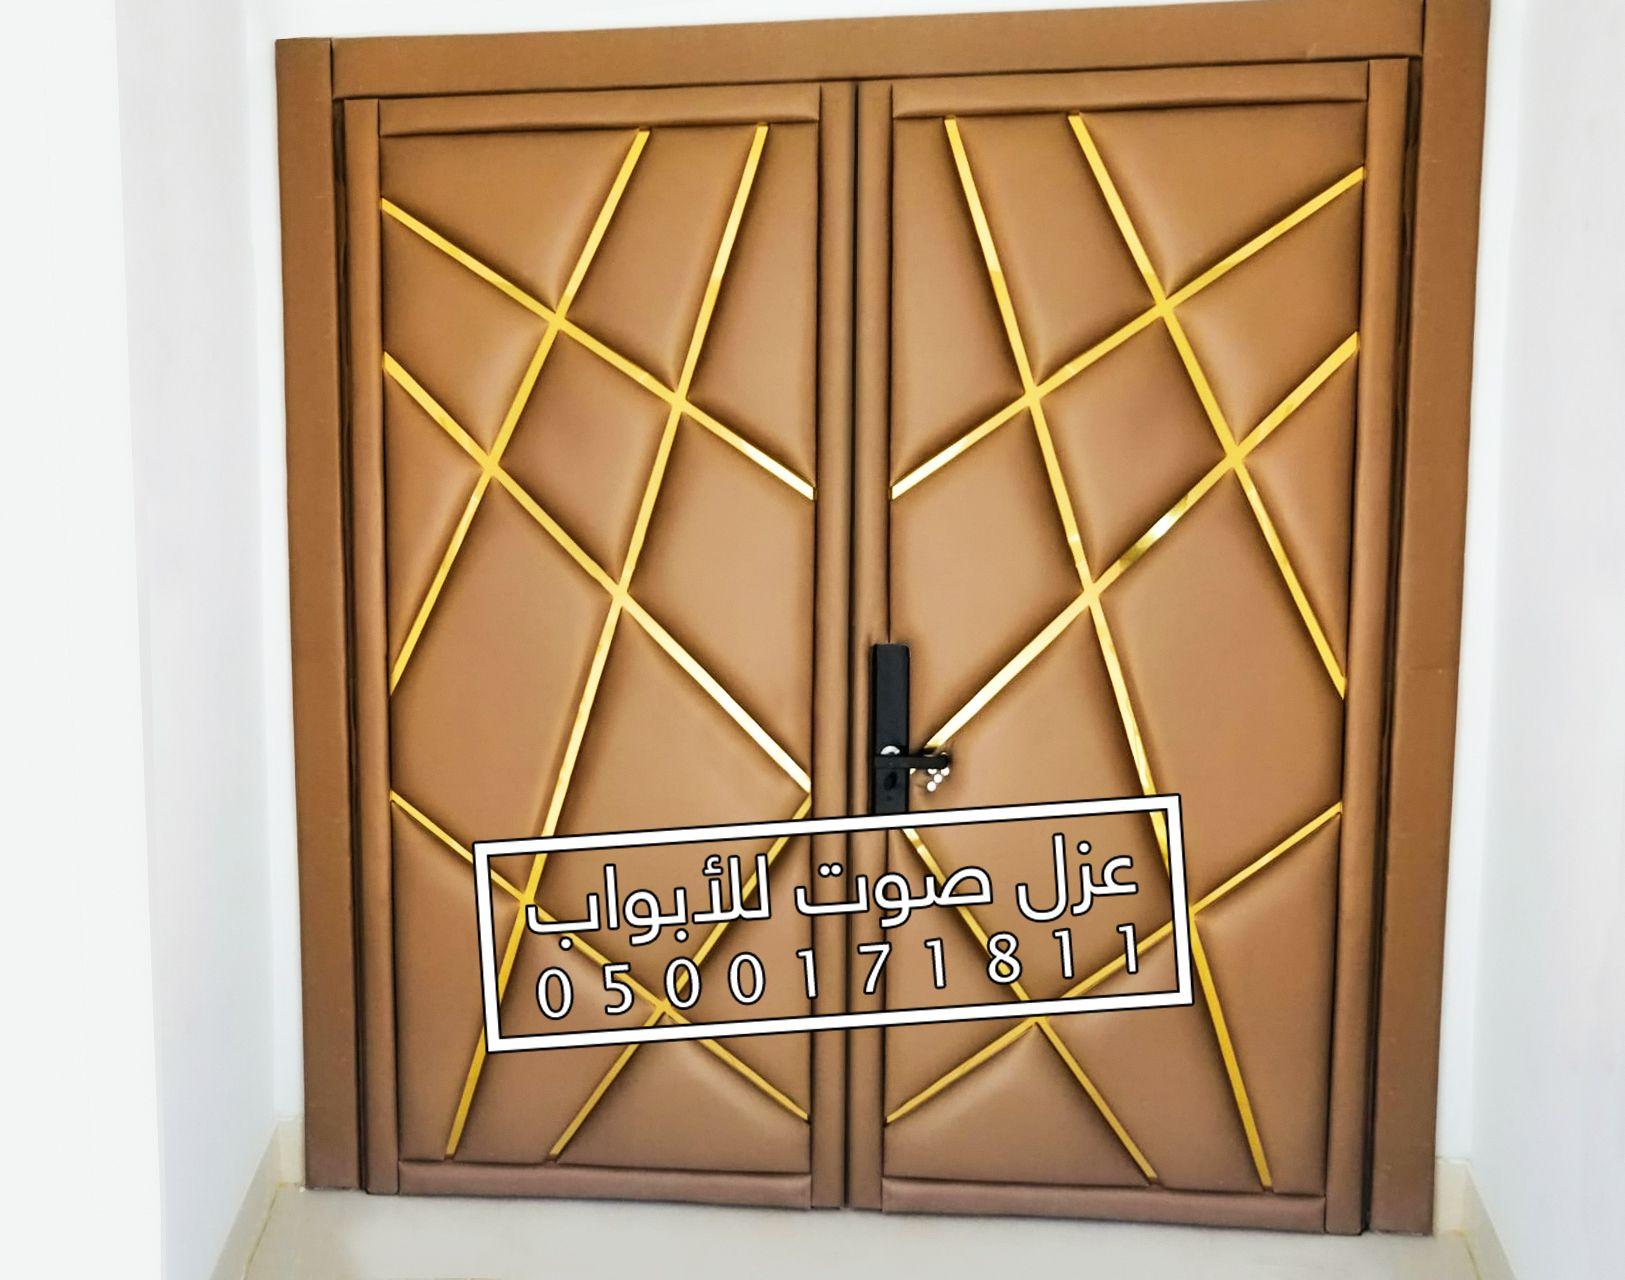 العازل الصوتي للابواب الرياض Calm Artwork Decor Home Decor